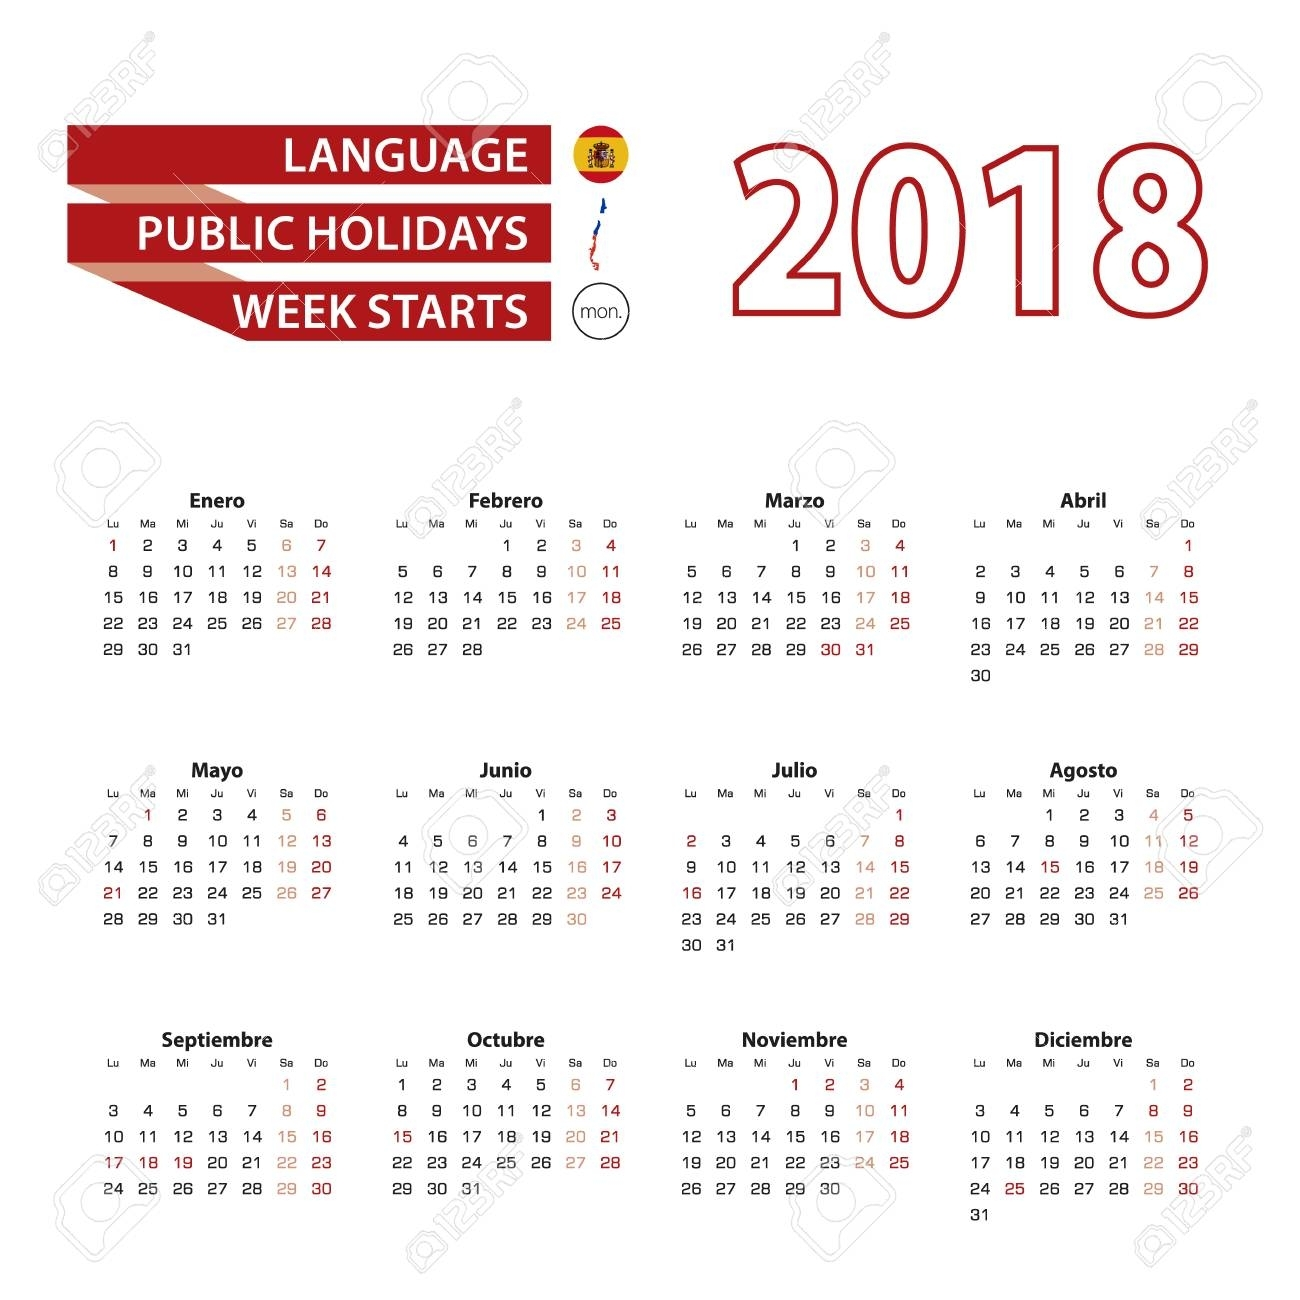 Calendario 2018 En Idioma Español Con Festivos En El País De Chile En El  Año 2018. La Semana Comienza A Partir Del Lunes. Ilustración Vectorial intended for Calendarios 17 Feriados En Chile